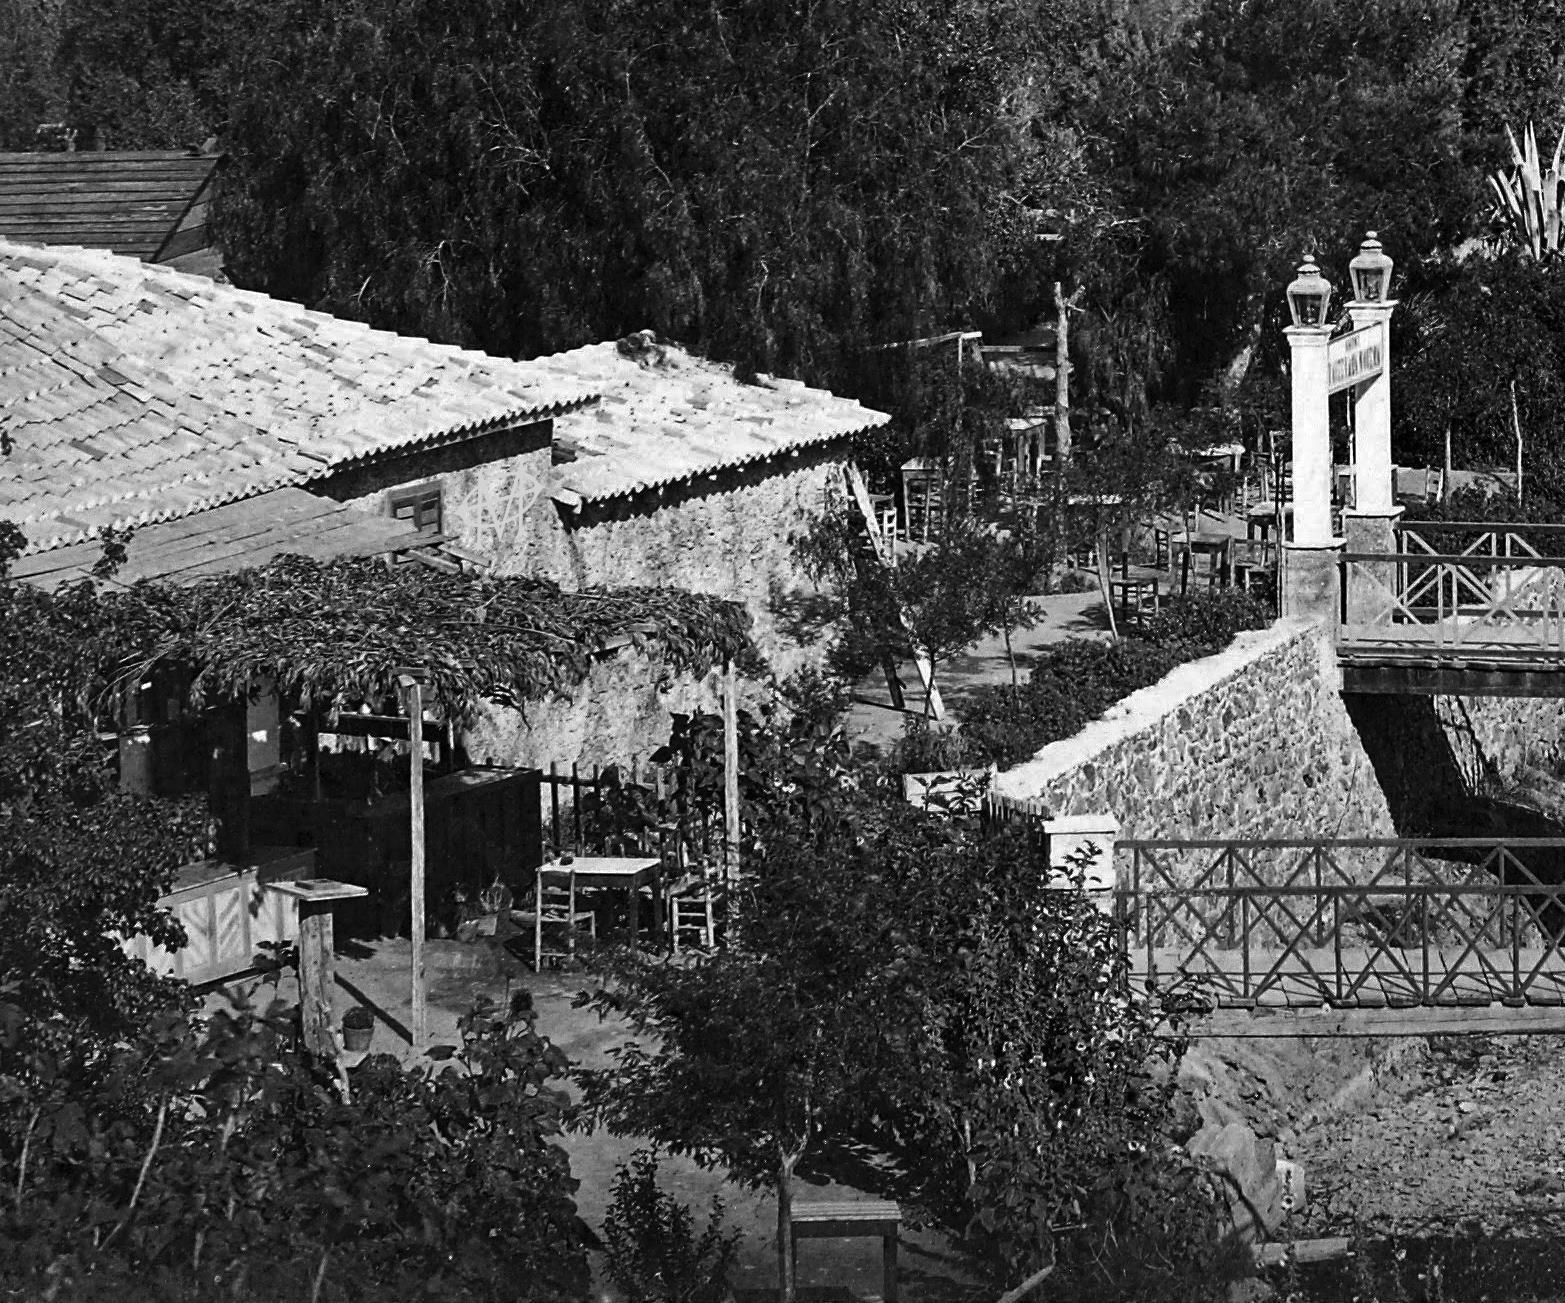 """Ποια ήταν τα """"παντρεμενάδικα"""" στις όχθες του Ιλισού. Η περιοχή με τα καφενεδάκια και τα γεφύρια που χάθηκε μετά τα έργα «εξωραϊσμού της πρωτευούσης». Ήταν το αγαπημένο στέκι των ερωτευμένων της Αθήνας (βίντεο)"""